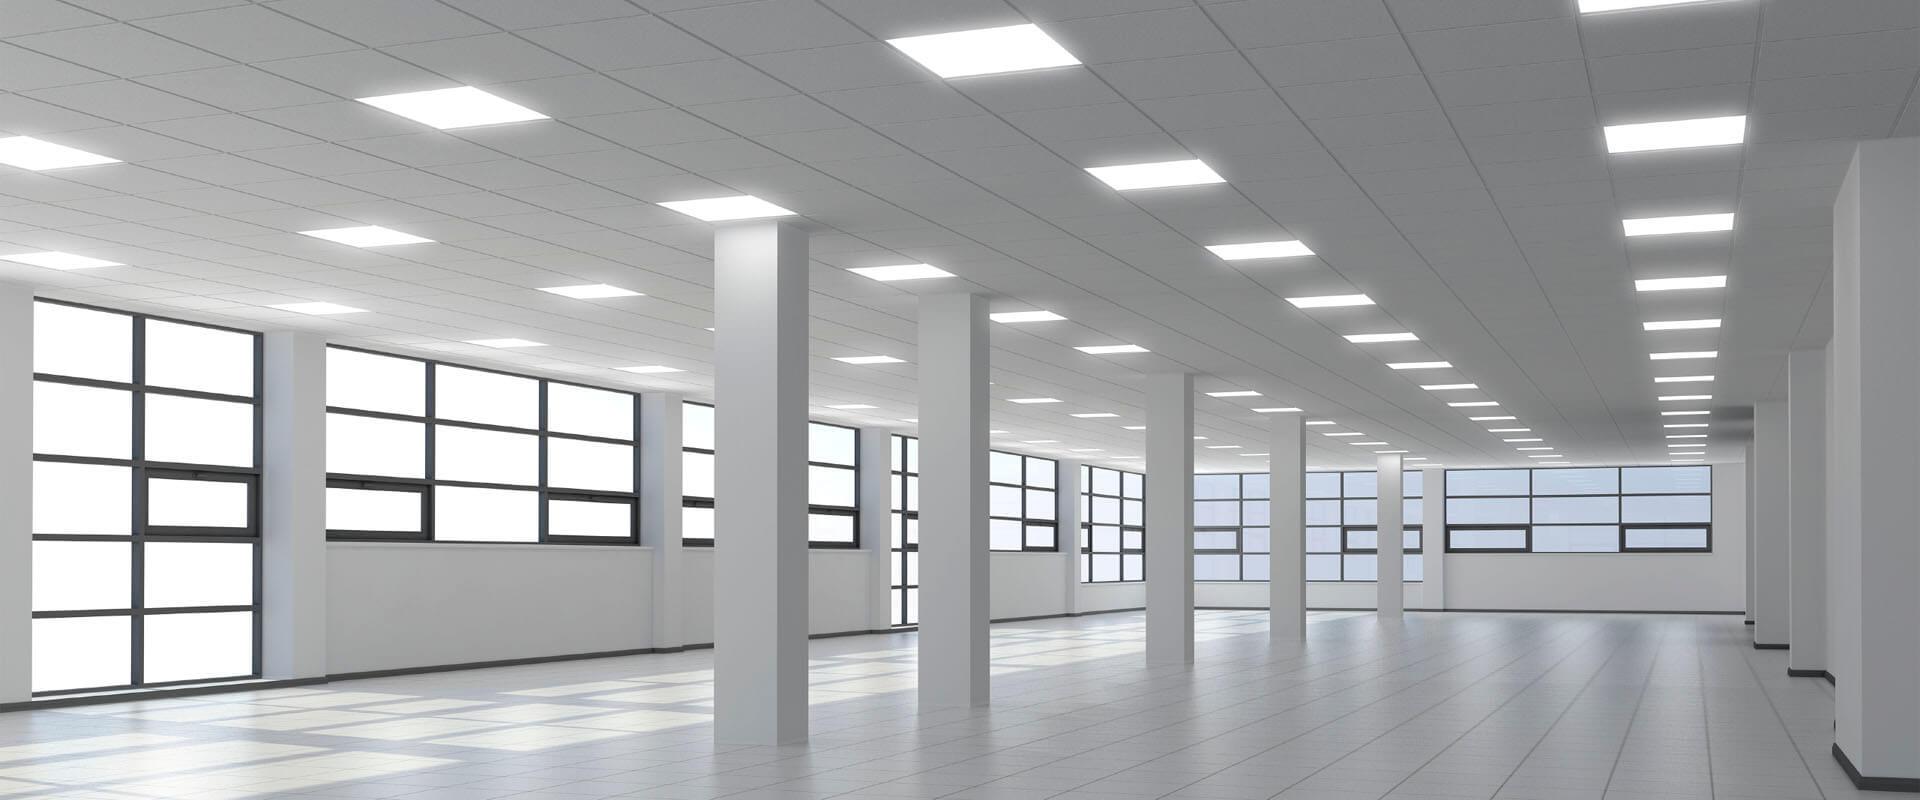 缺芯涨价引爆LED芯片厂利润 龙头企业喊话严管经销商炒货 时报看公司